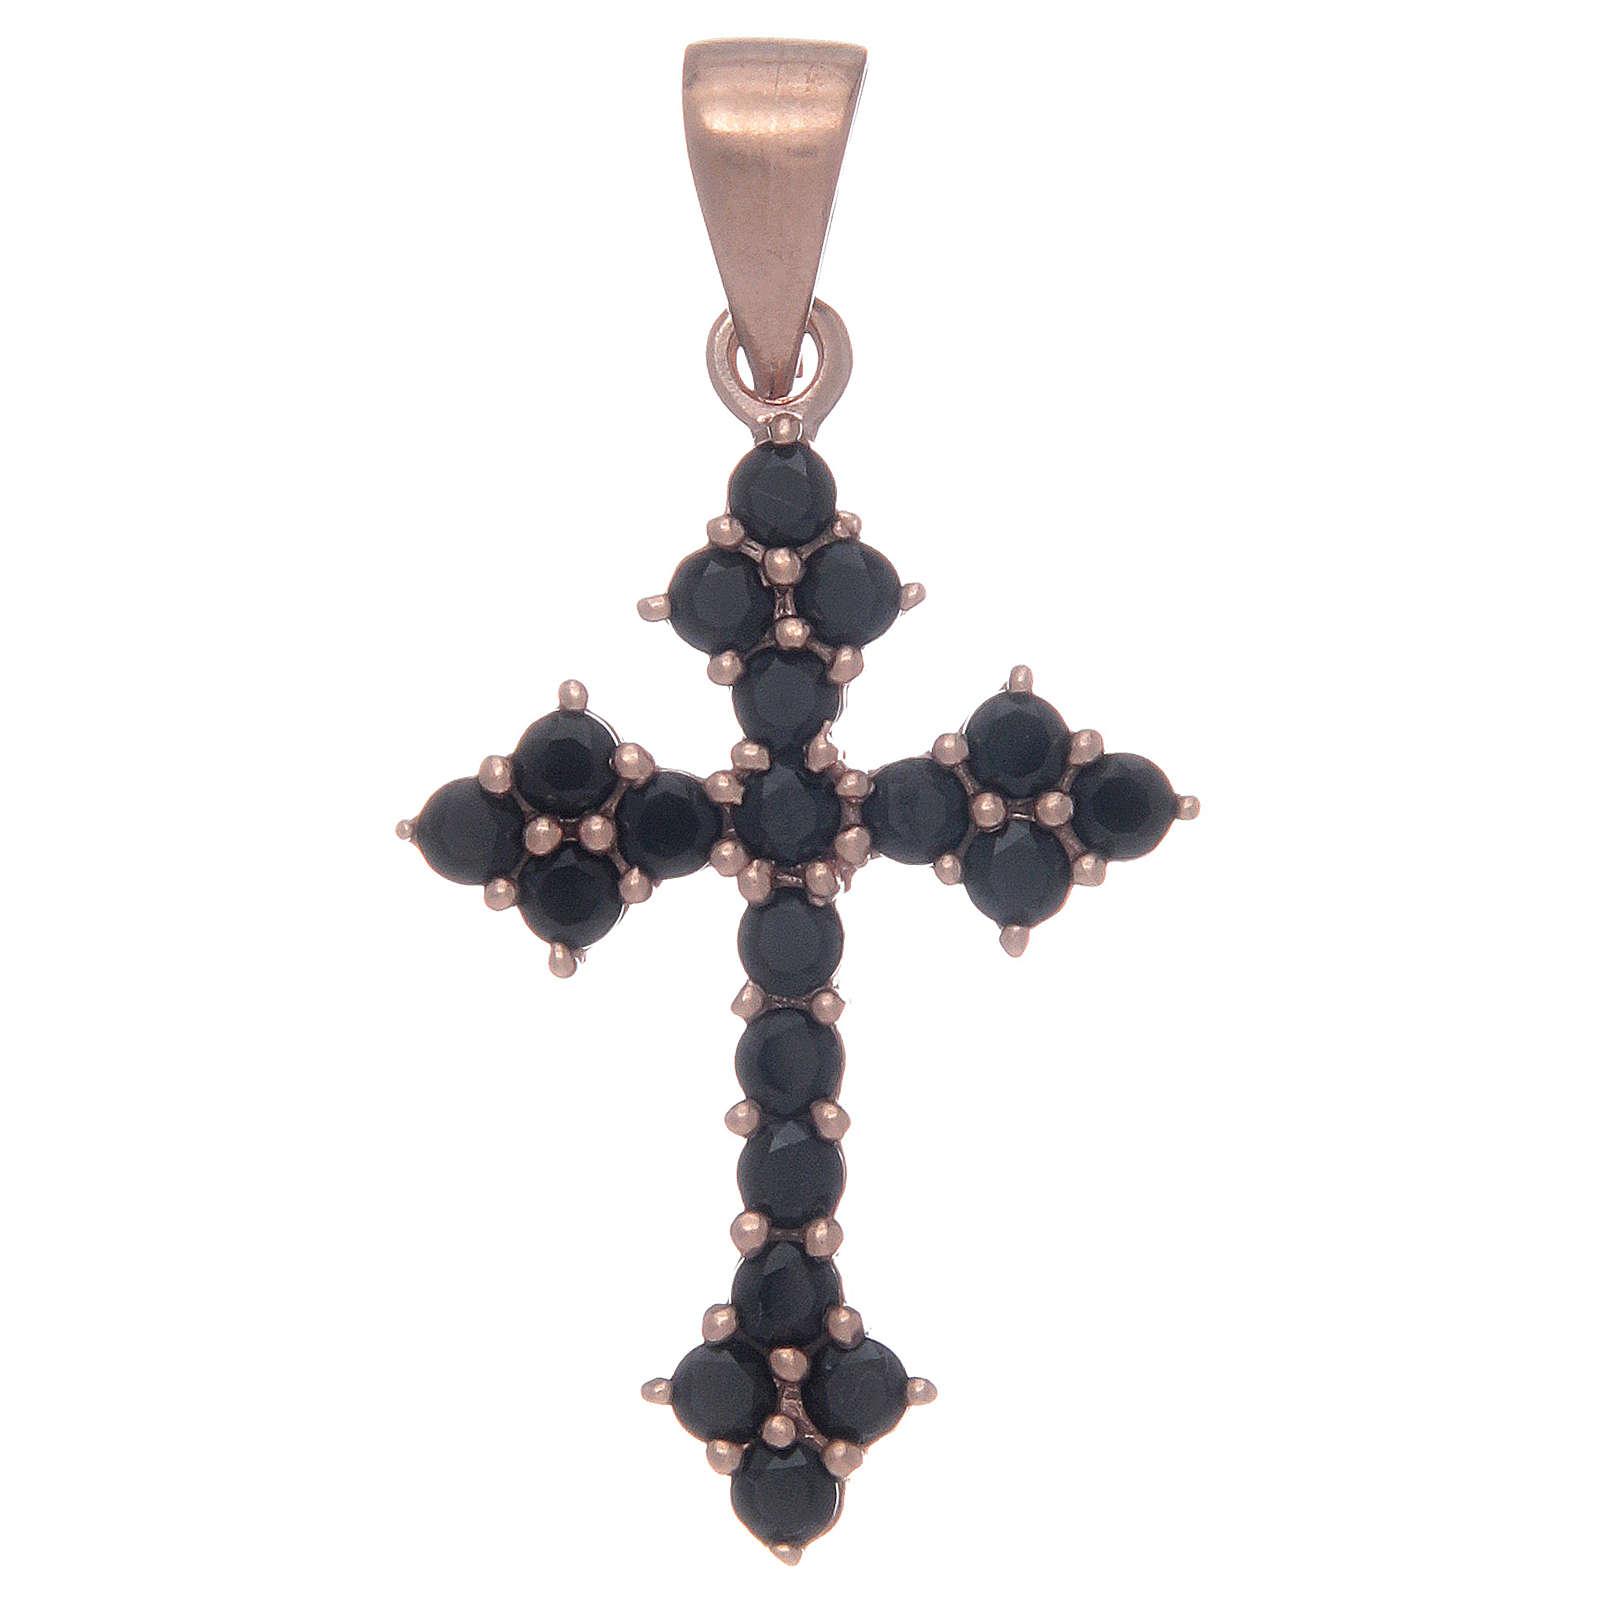 Croce trilobata rosata in argento 925 con zirconi neri 4